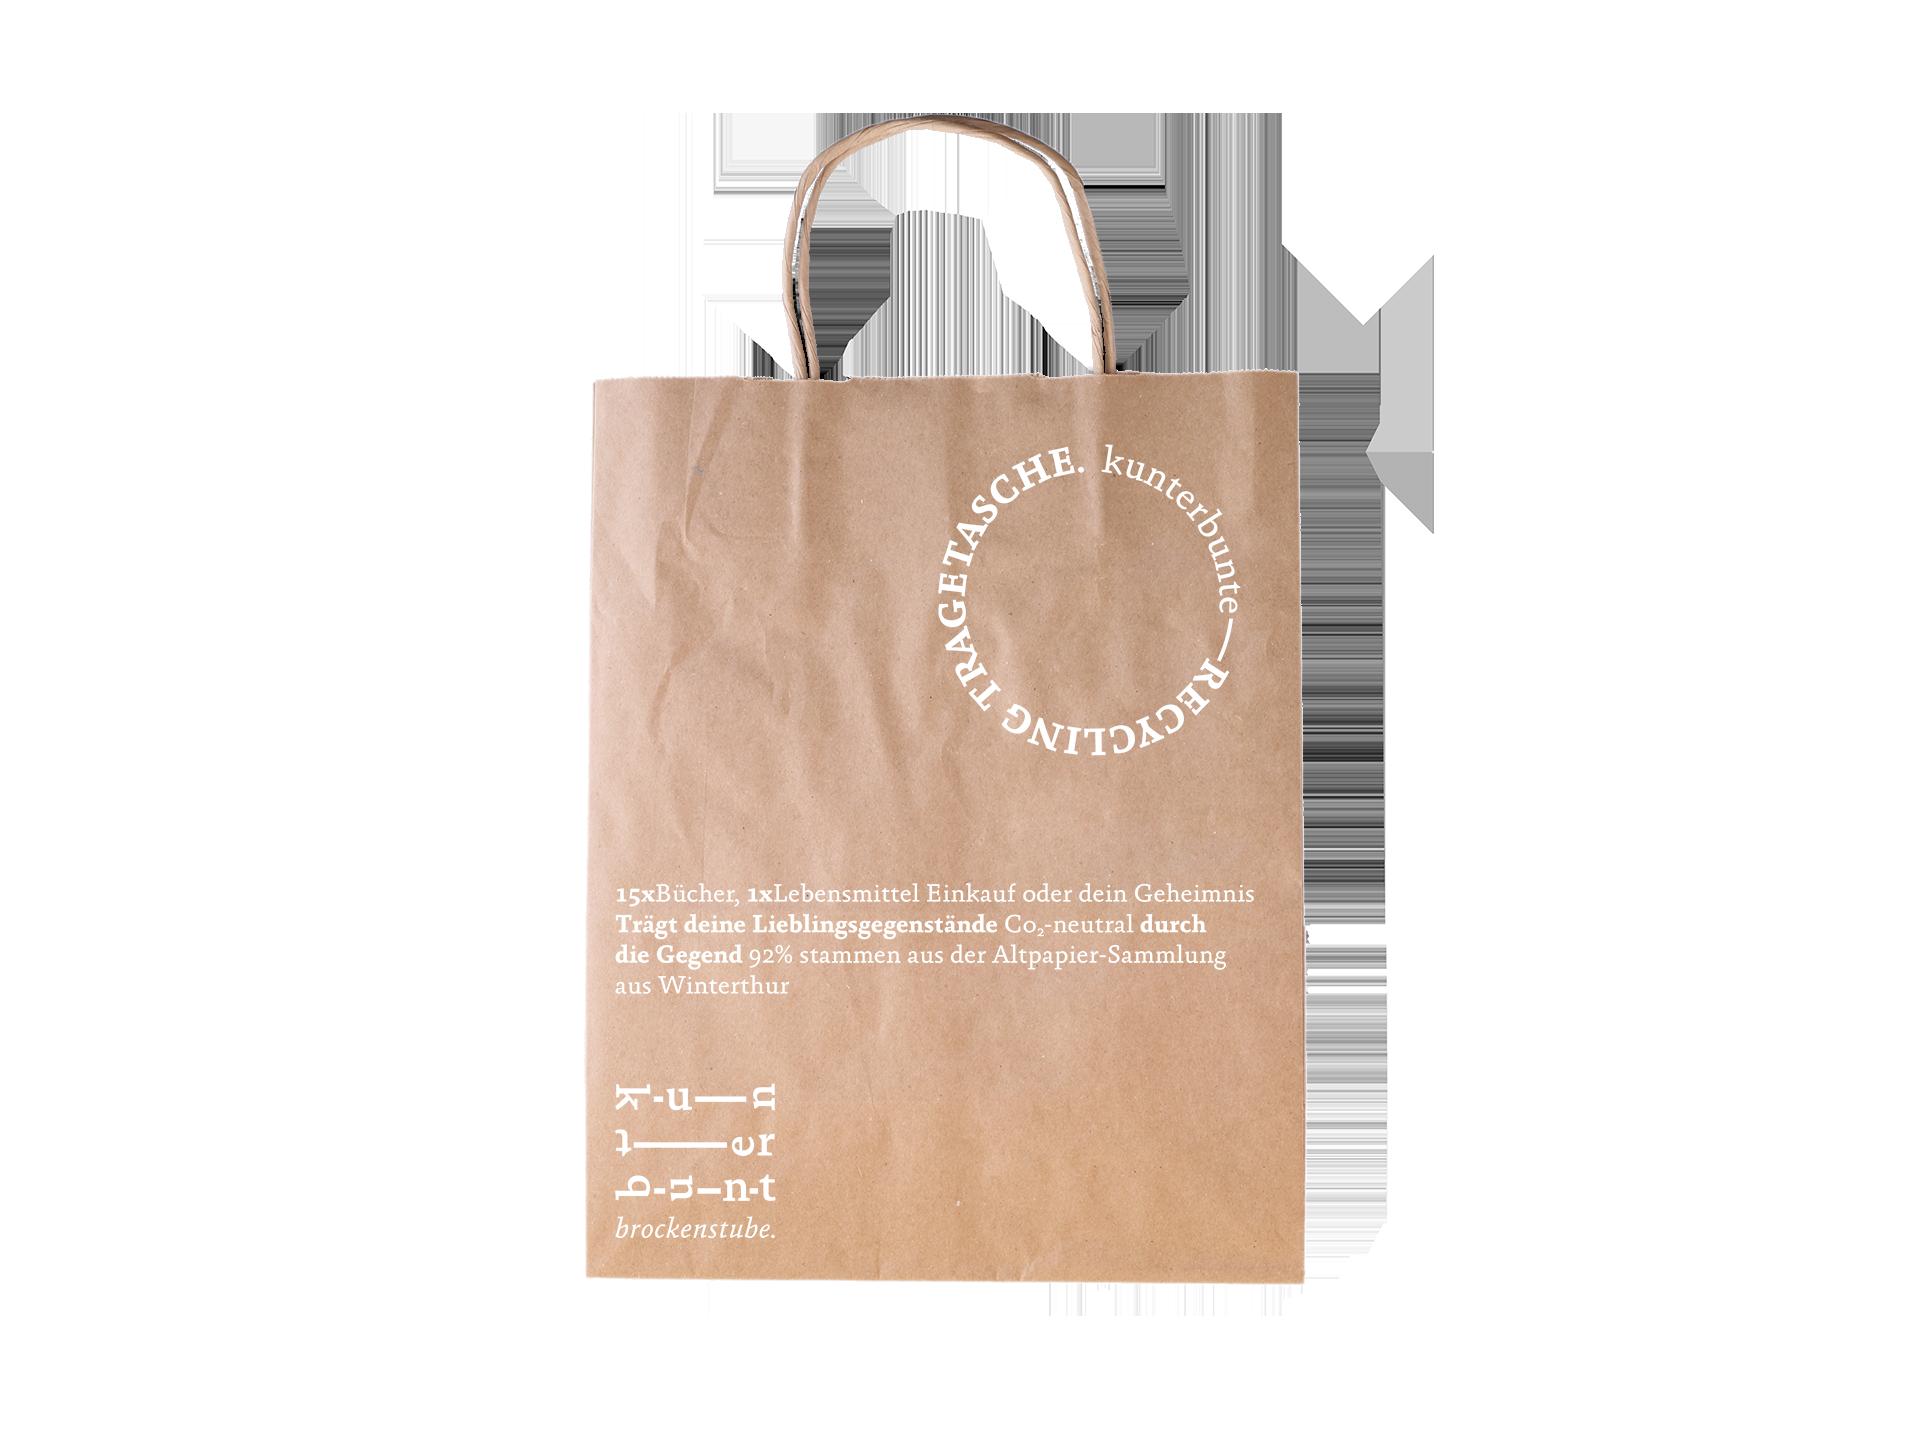 Branding, Design, Bag, Grafik, Design, Winterthur